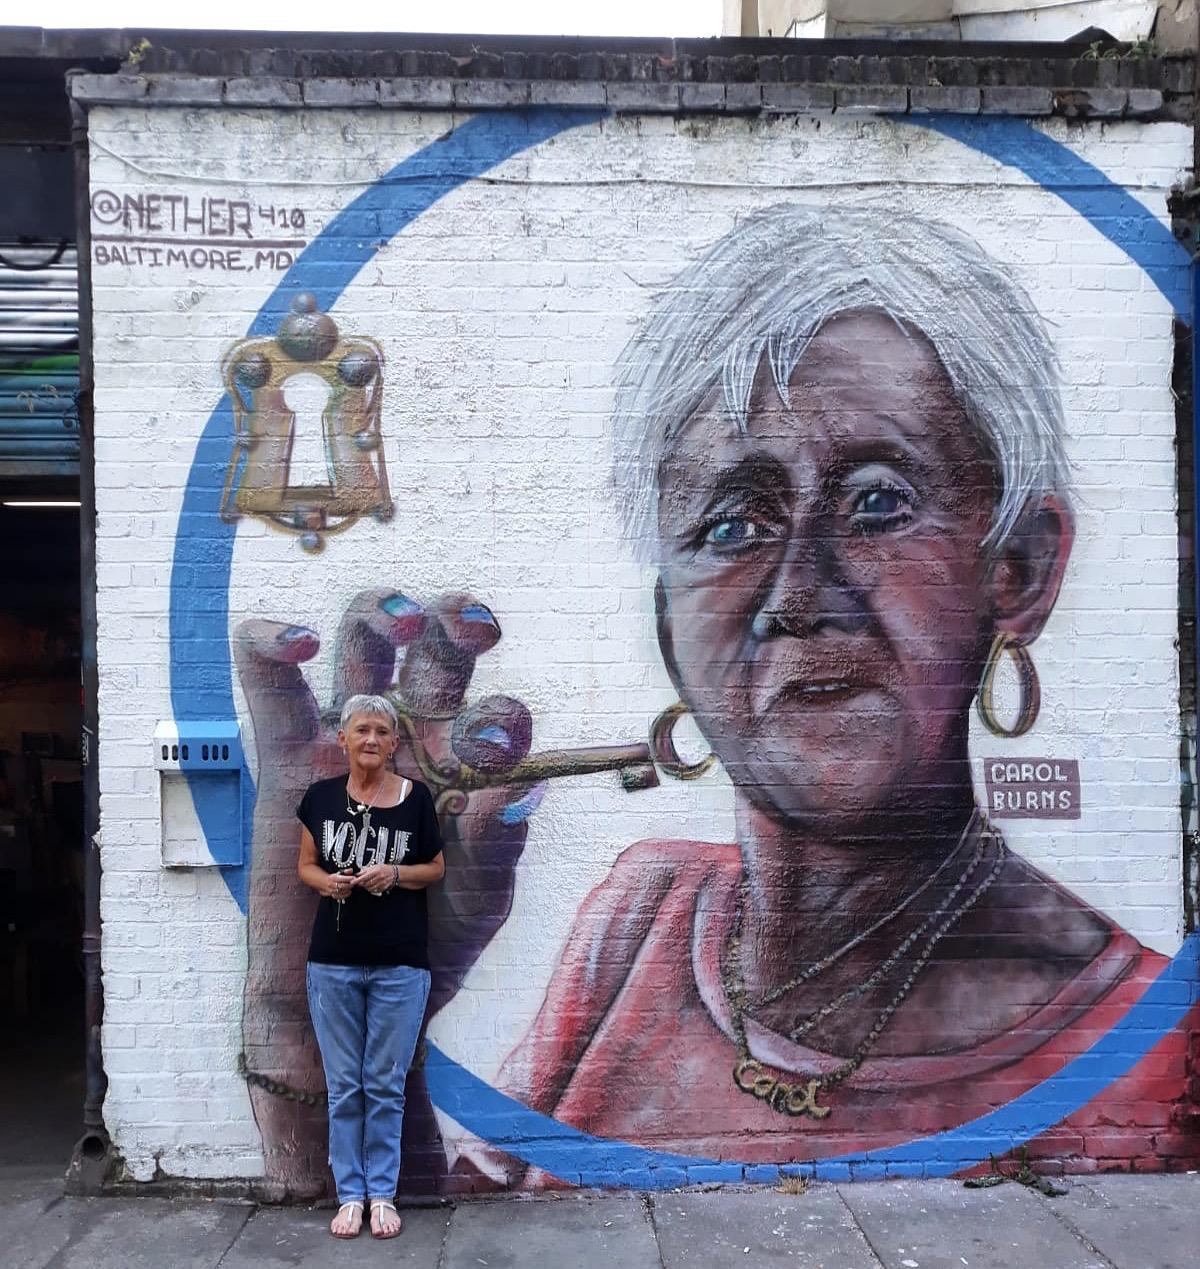 Brick Lane, London, UK